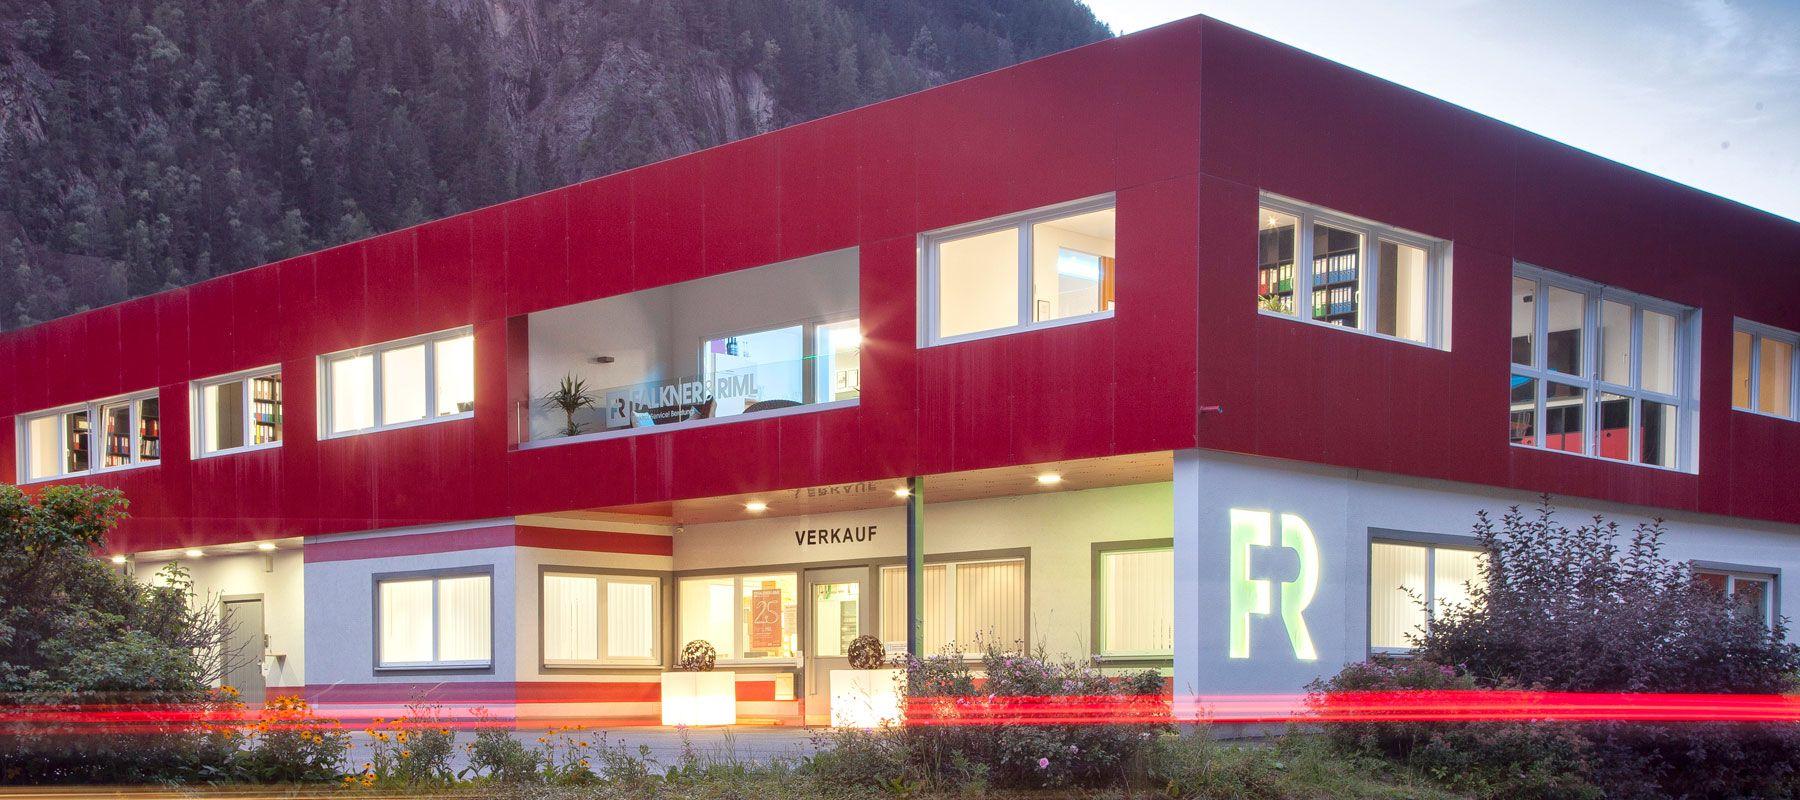 Falkner & Riml Zentrale